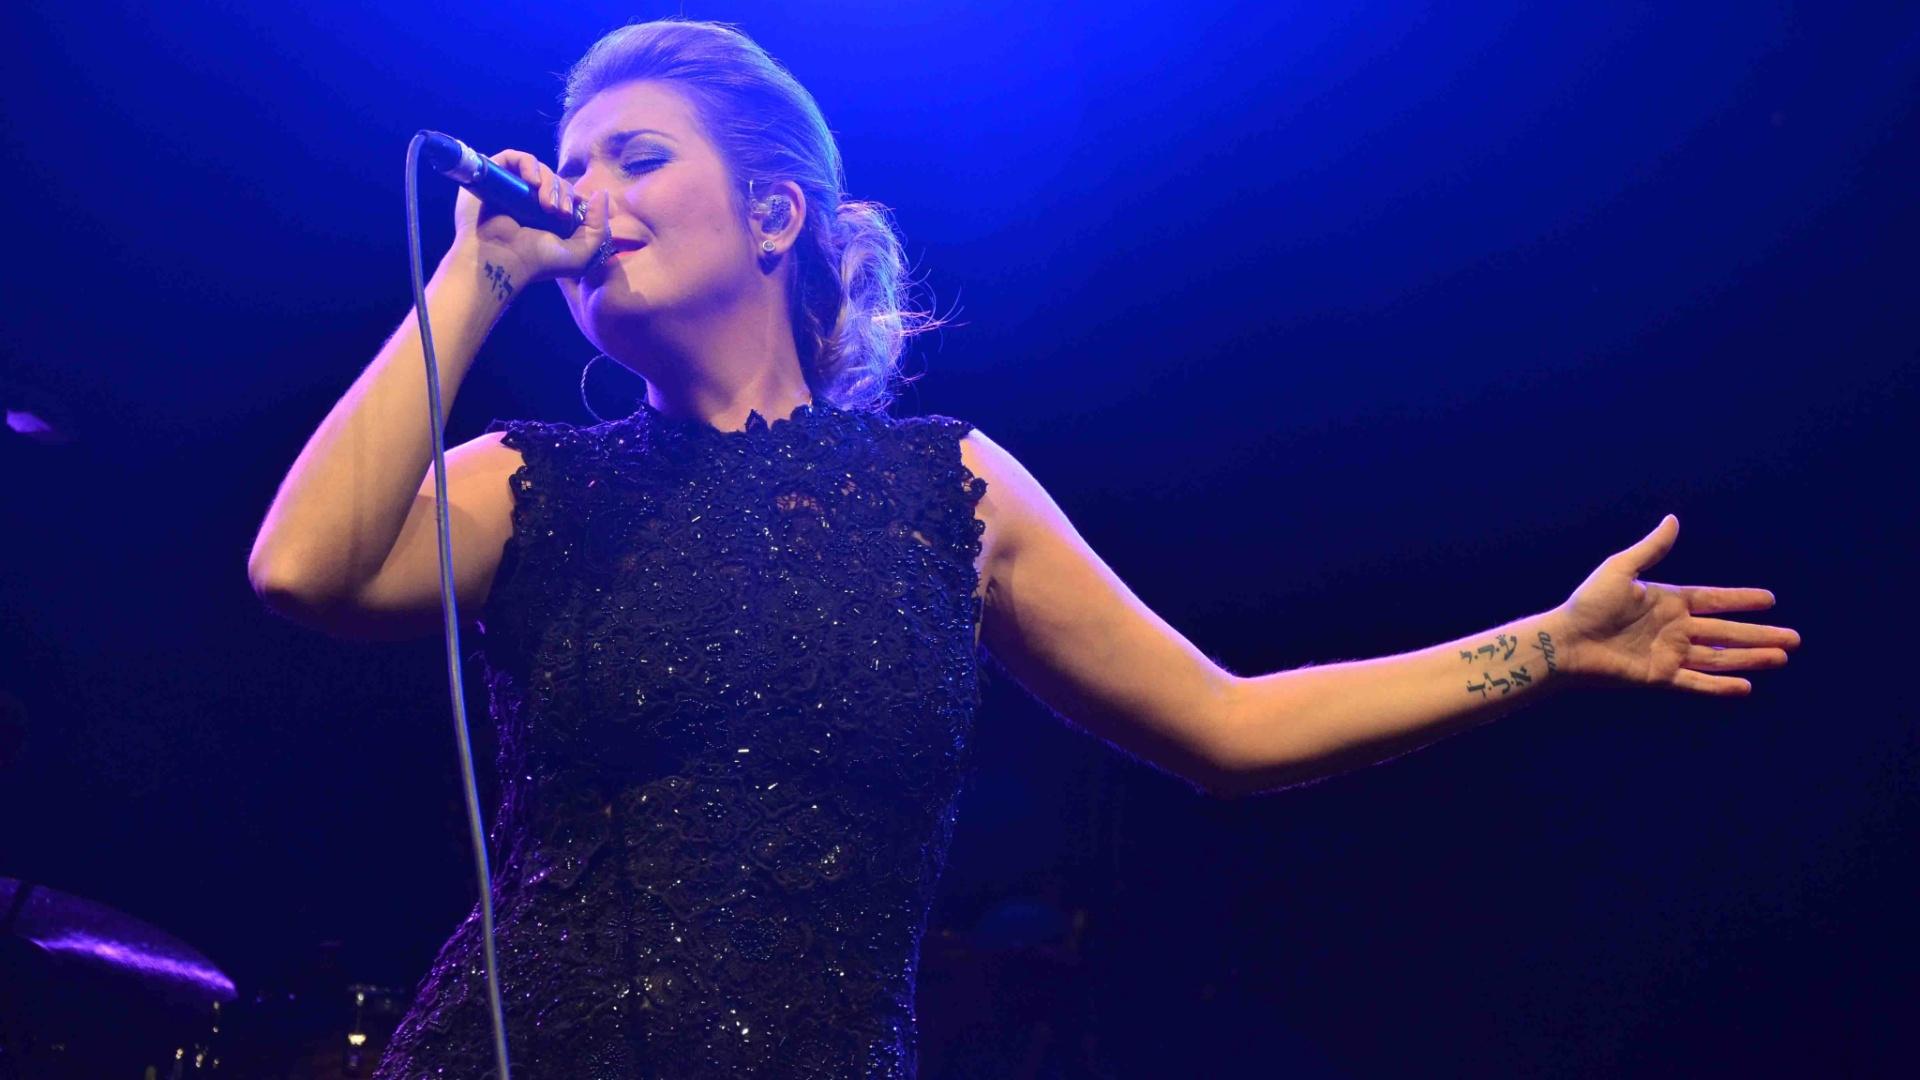 Cantora apresenta novo trabalho em xxxx(Foto: Divulgação)